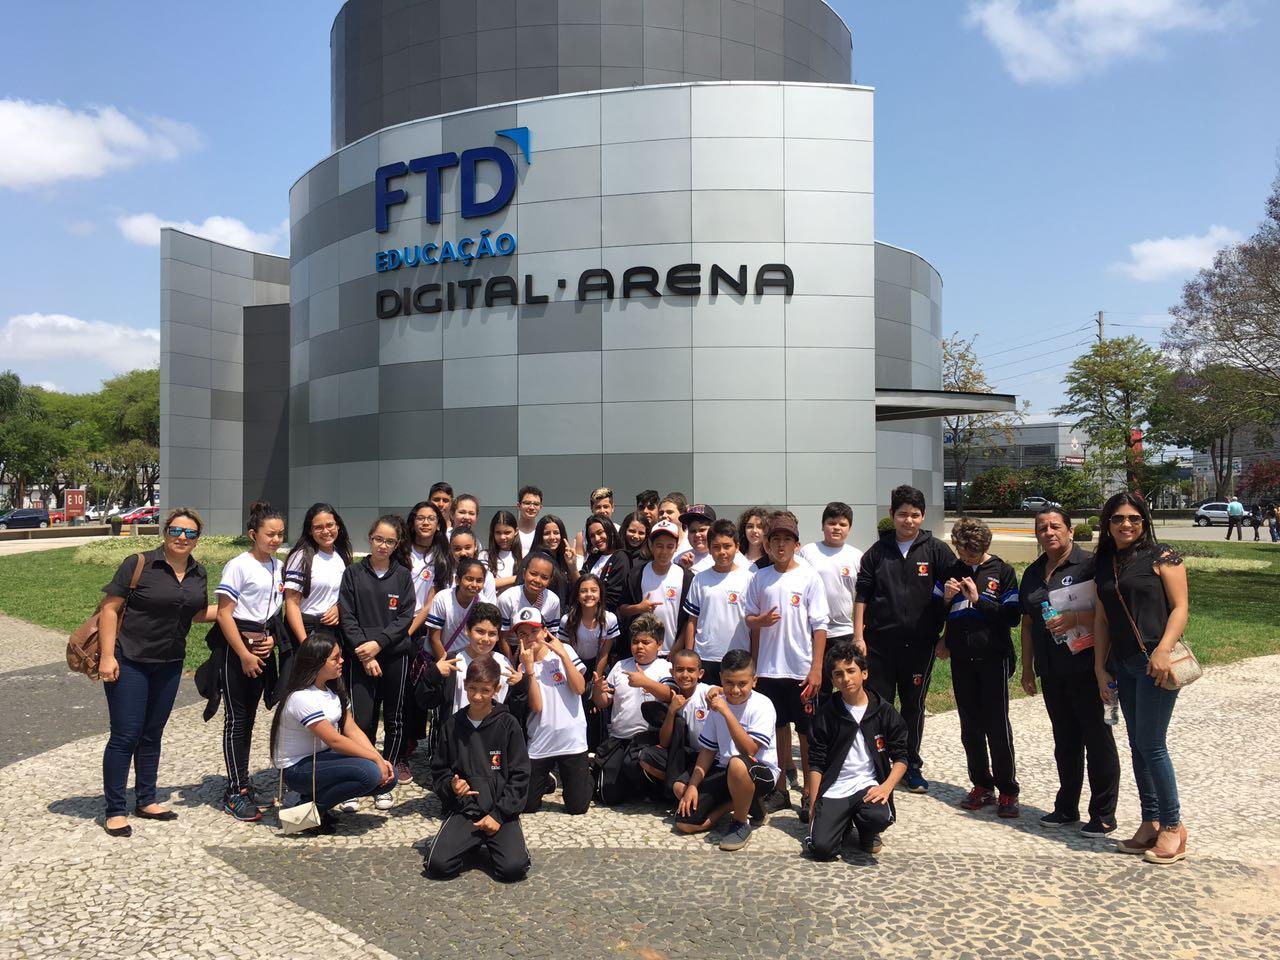 Alunos visitam Digital Arena FTD